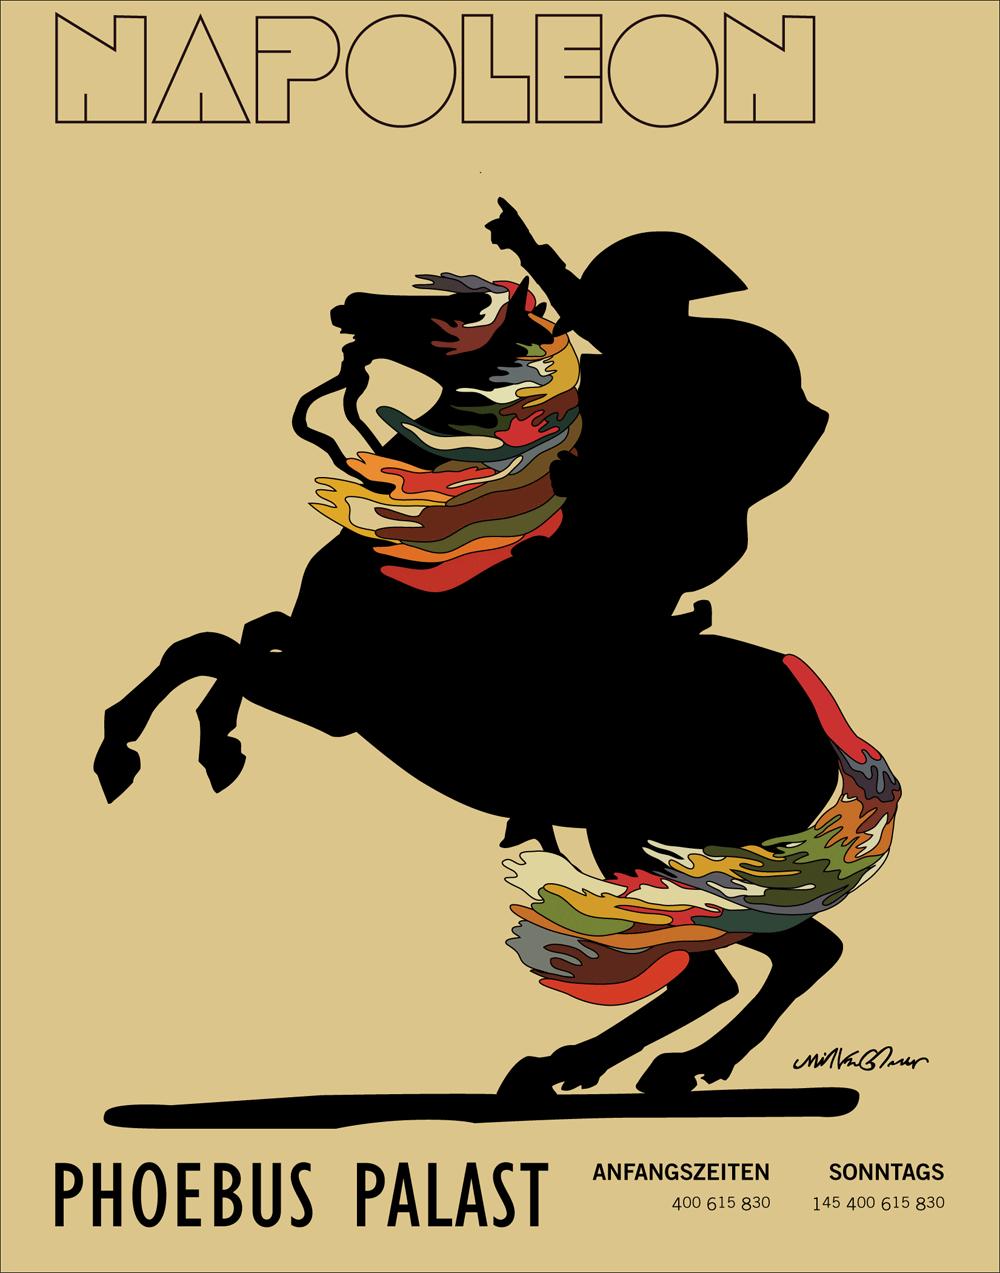 miltonglaser6